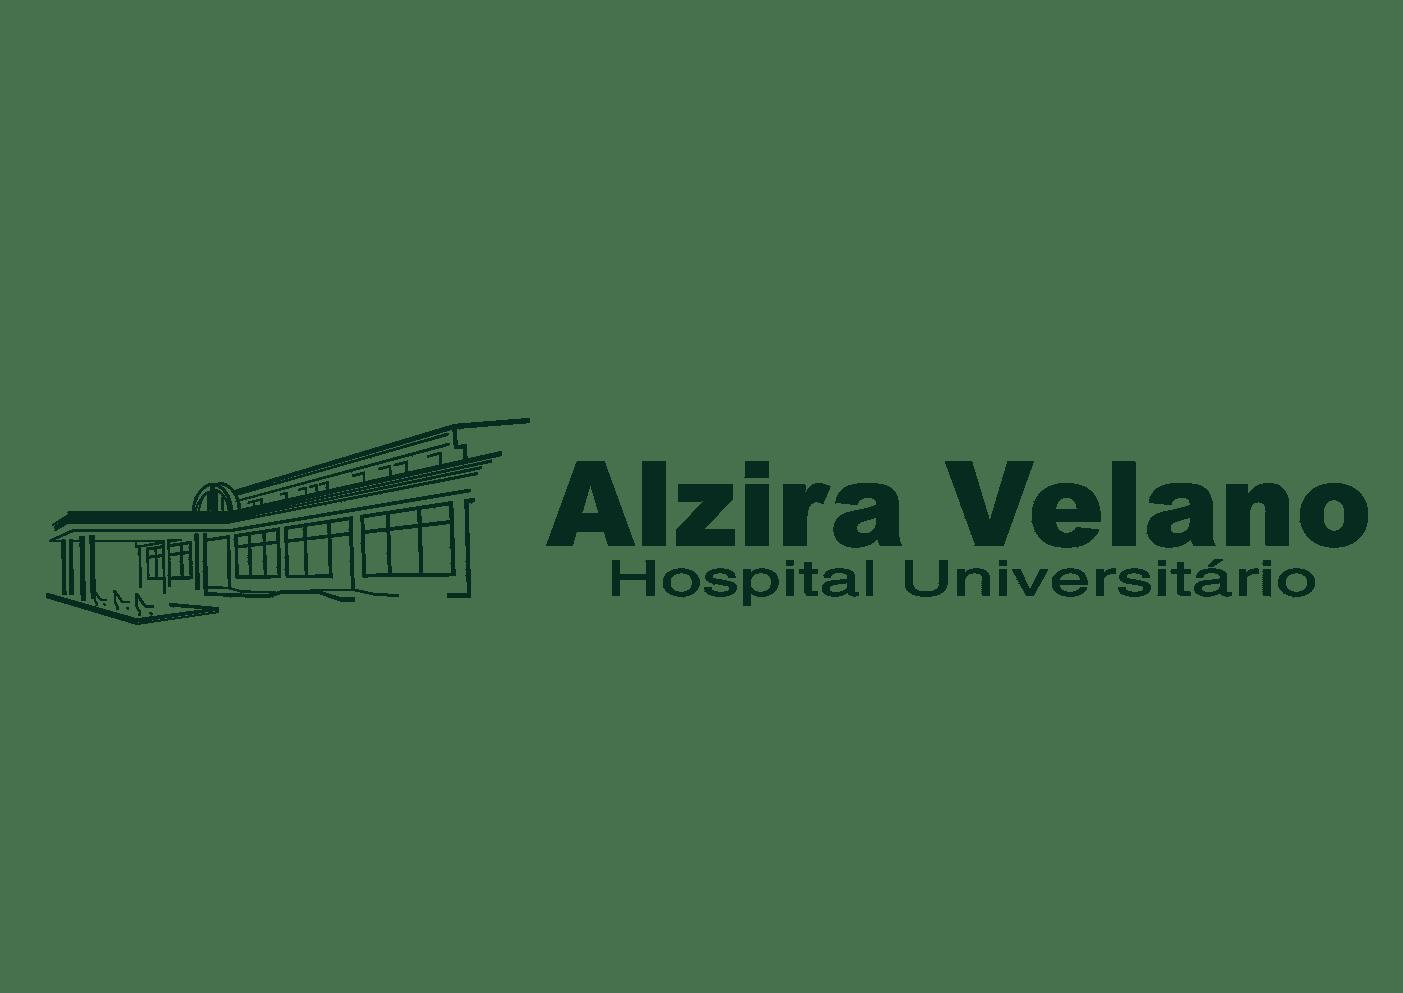 Logo-ALZIRA-VELANO-min